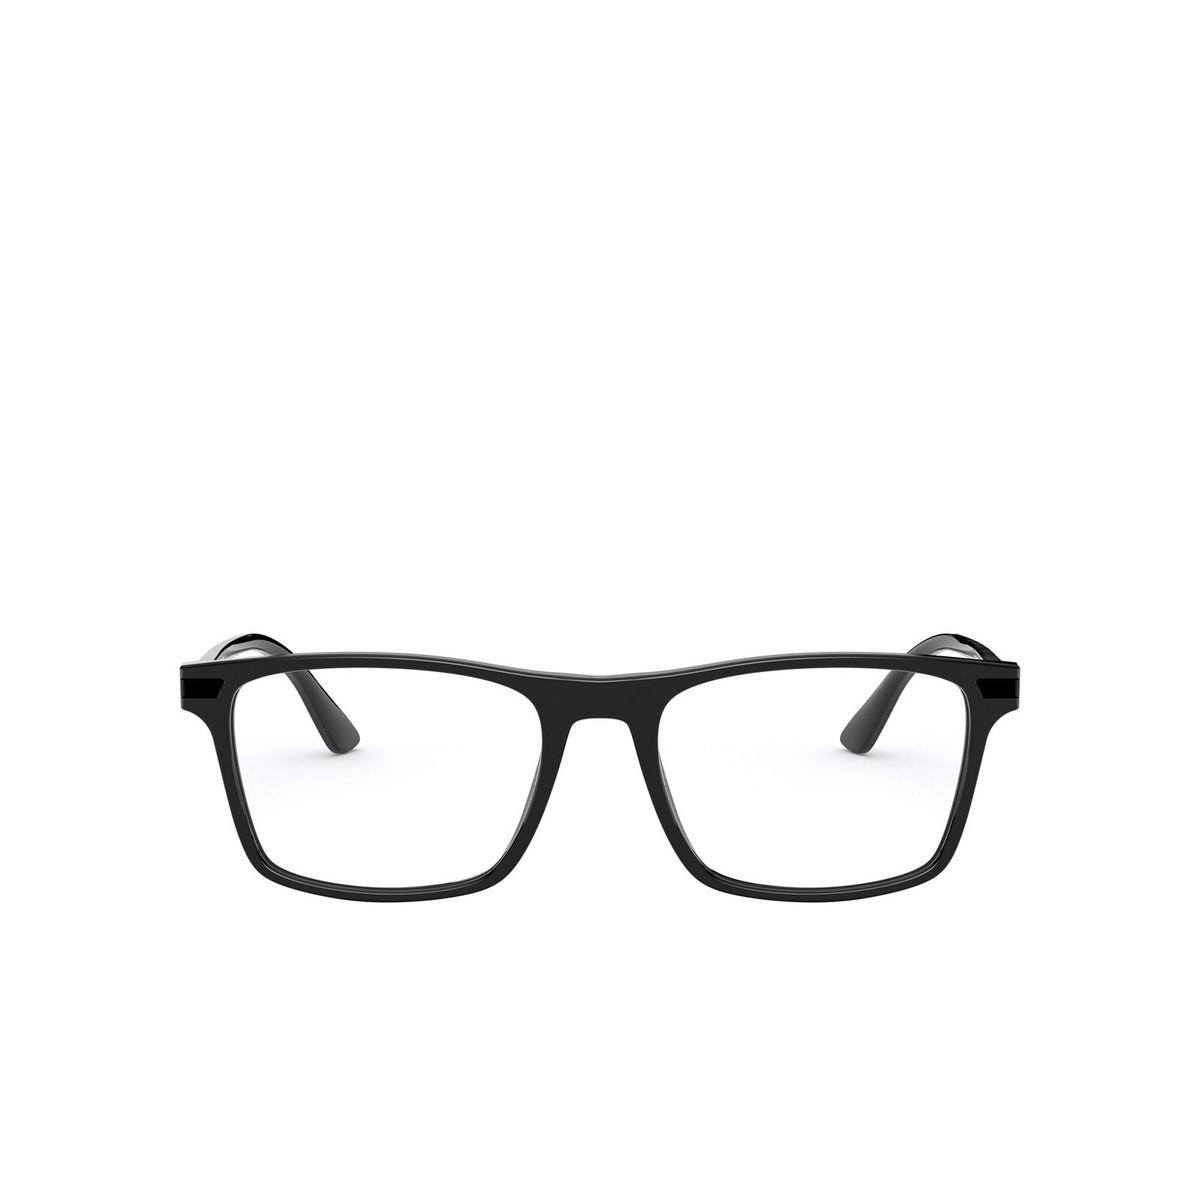 Prada® Rectangle Eyeglasses: PR 01WV color Black 07F1O1 - front view.